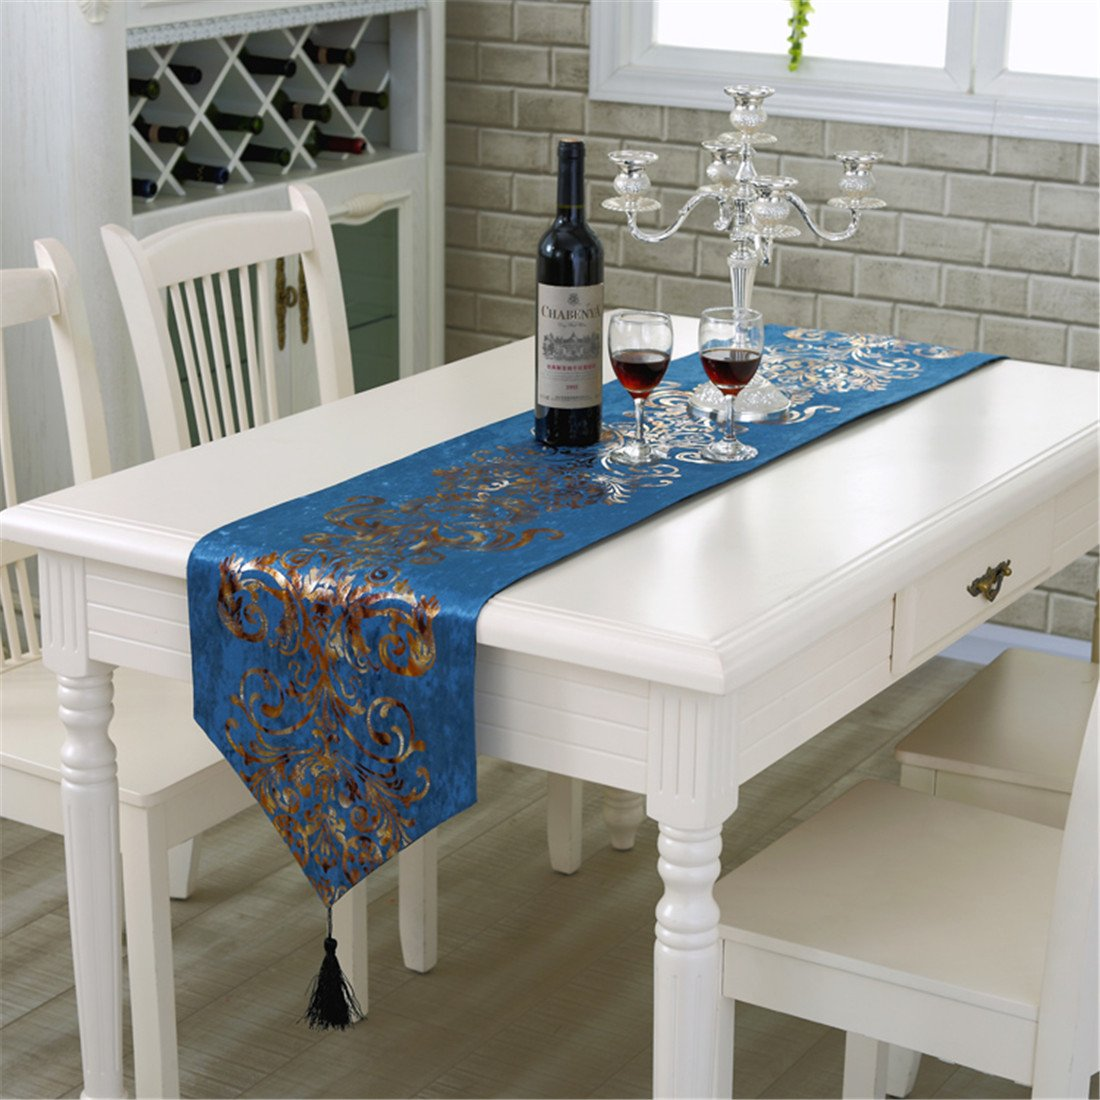 33cm x 180cm Velours mariage chemin de table tassel d/écoration beige 71x 13